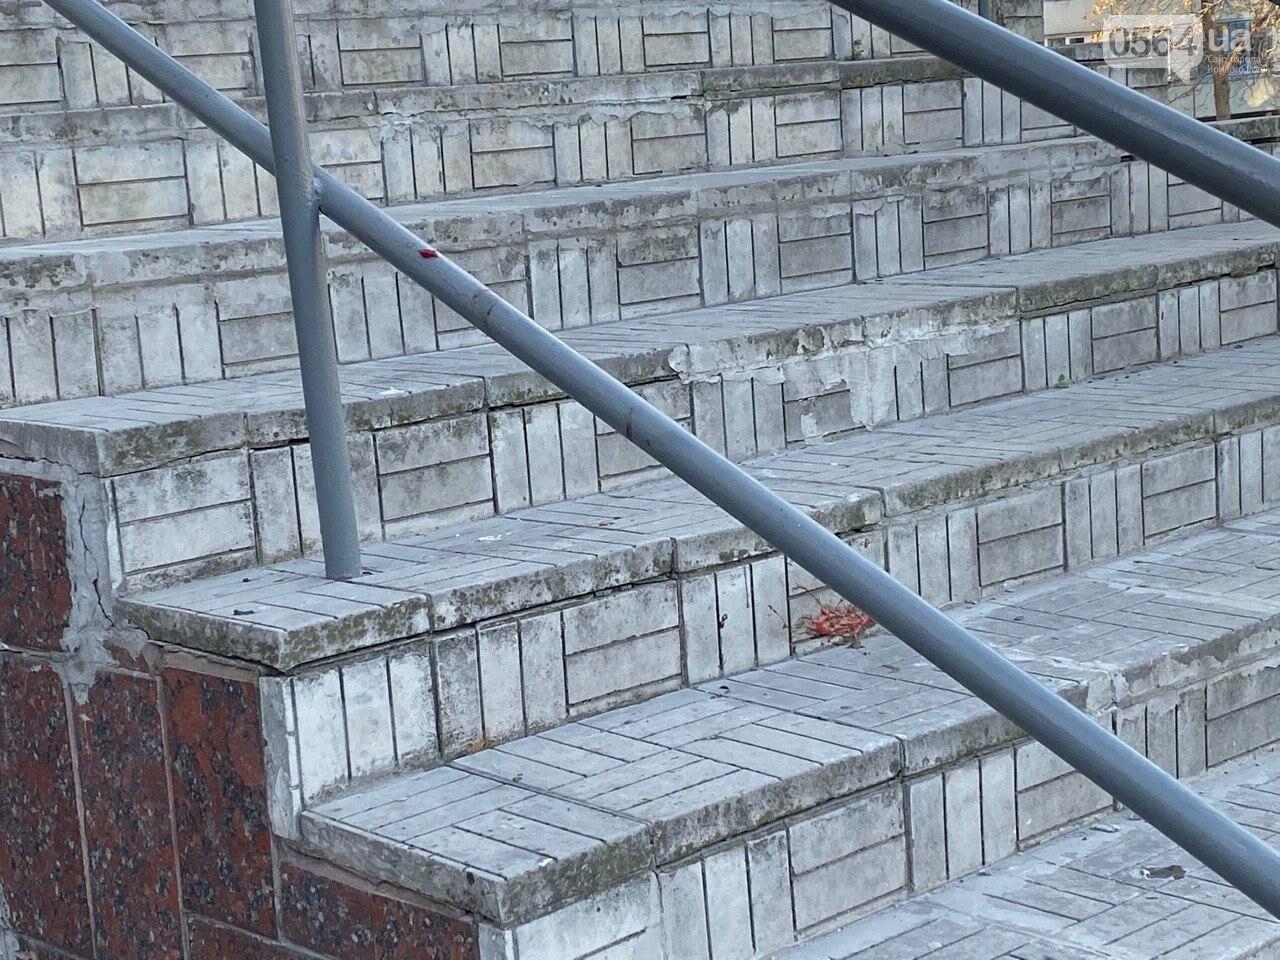 В Кривом Роге из окна 11 этажа выпал мужчина, - ФОТО 18+, фото-16